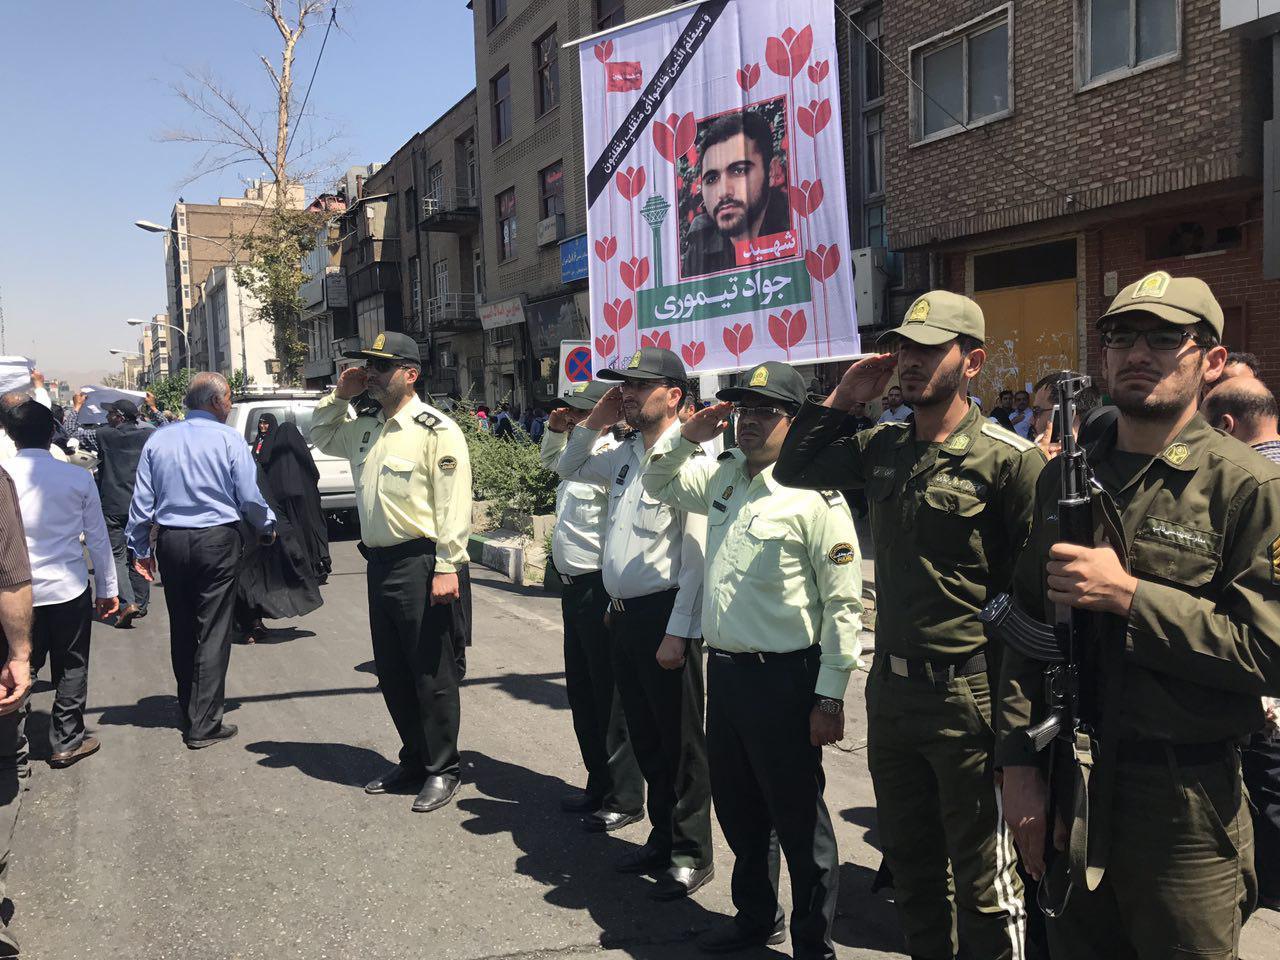 مراسم تشییع پیکر شهدای حوادث تروریستی تهران آغاز شد/مردم شعار مرگ بر آمریکا و آلسعود سر میدهند+تصاویر